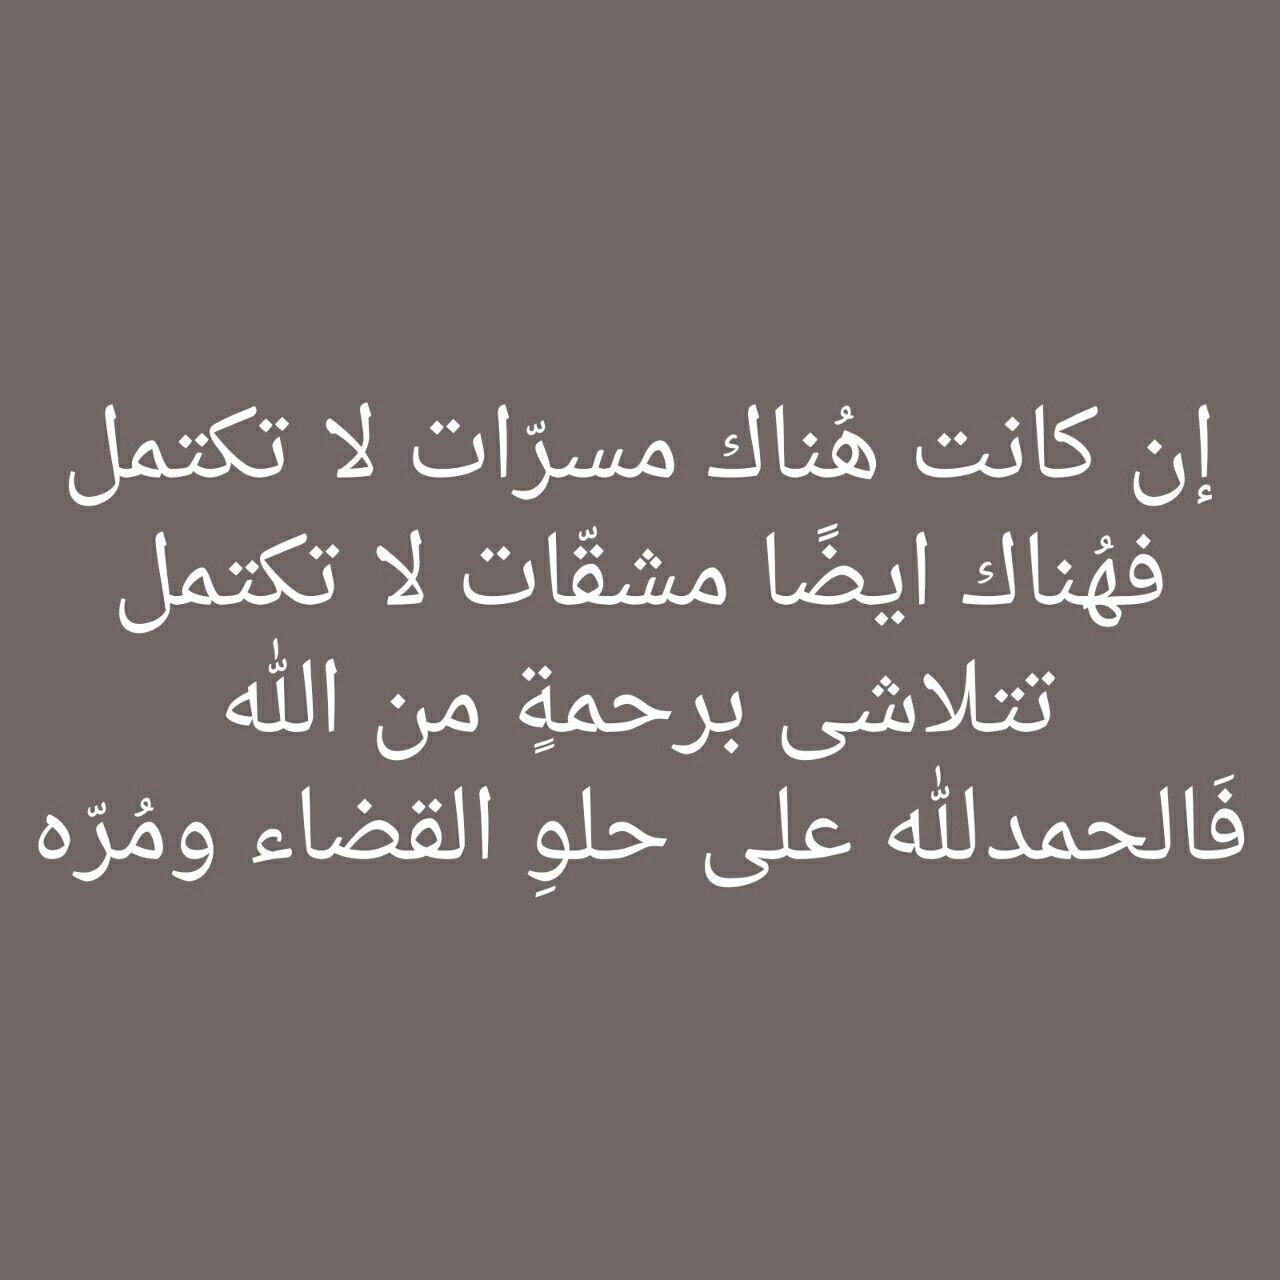 اللهم لك الحمد دائما وأبدا Arabic Calligraphy Calligraphy